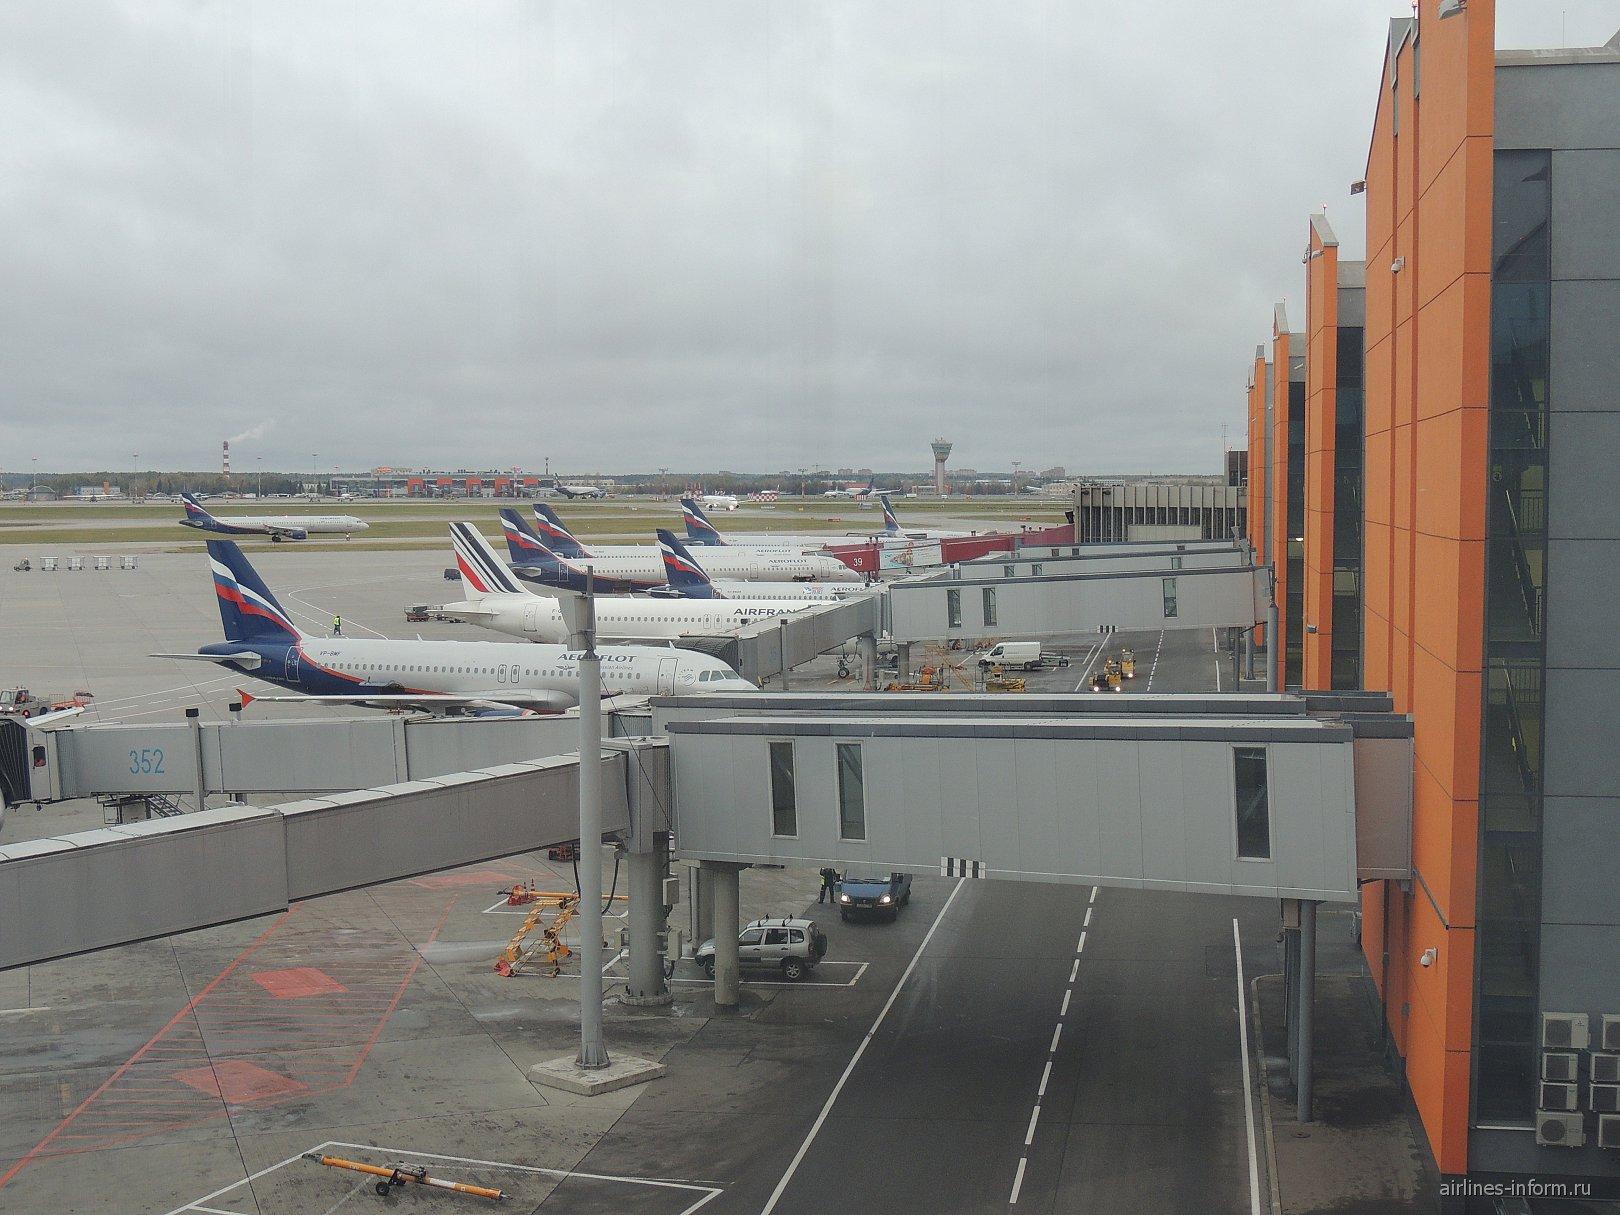 Самолеты у терминала Е аэропорта Шереметьево